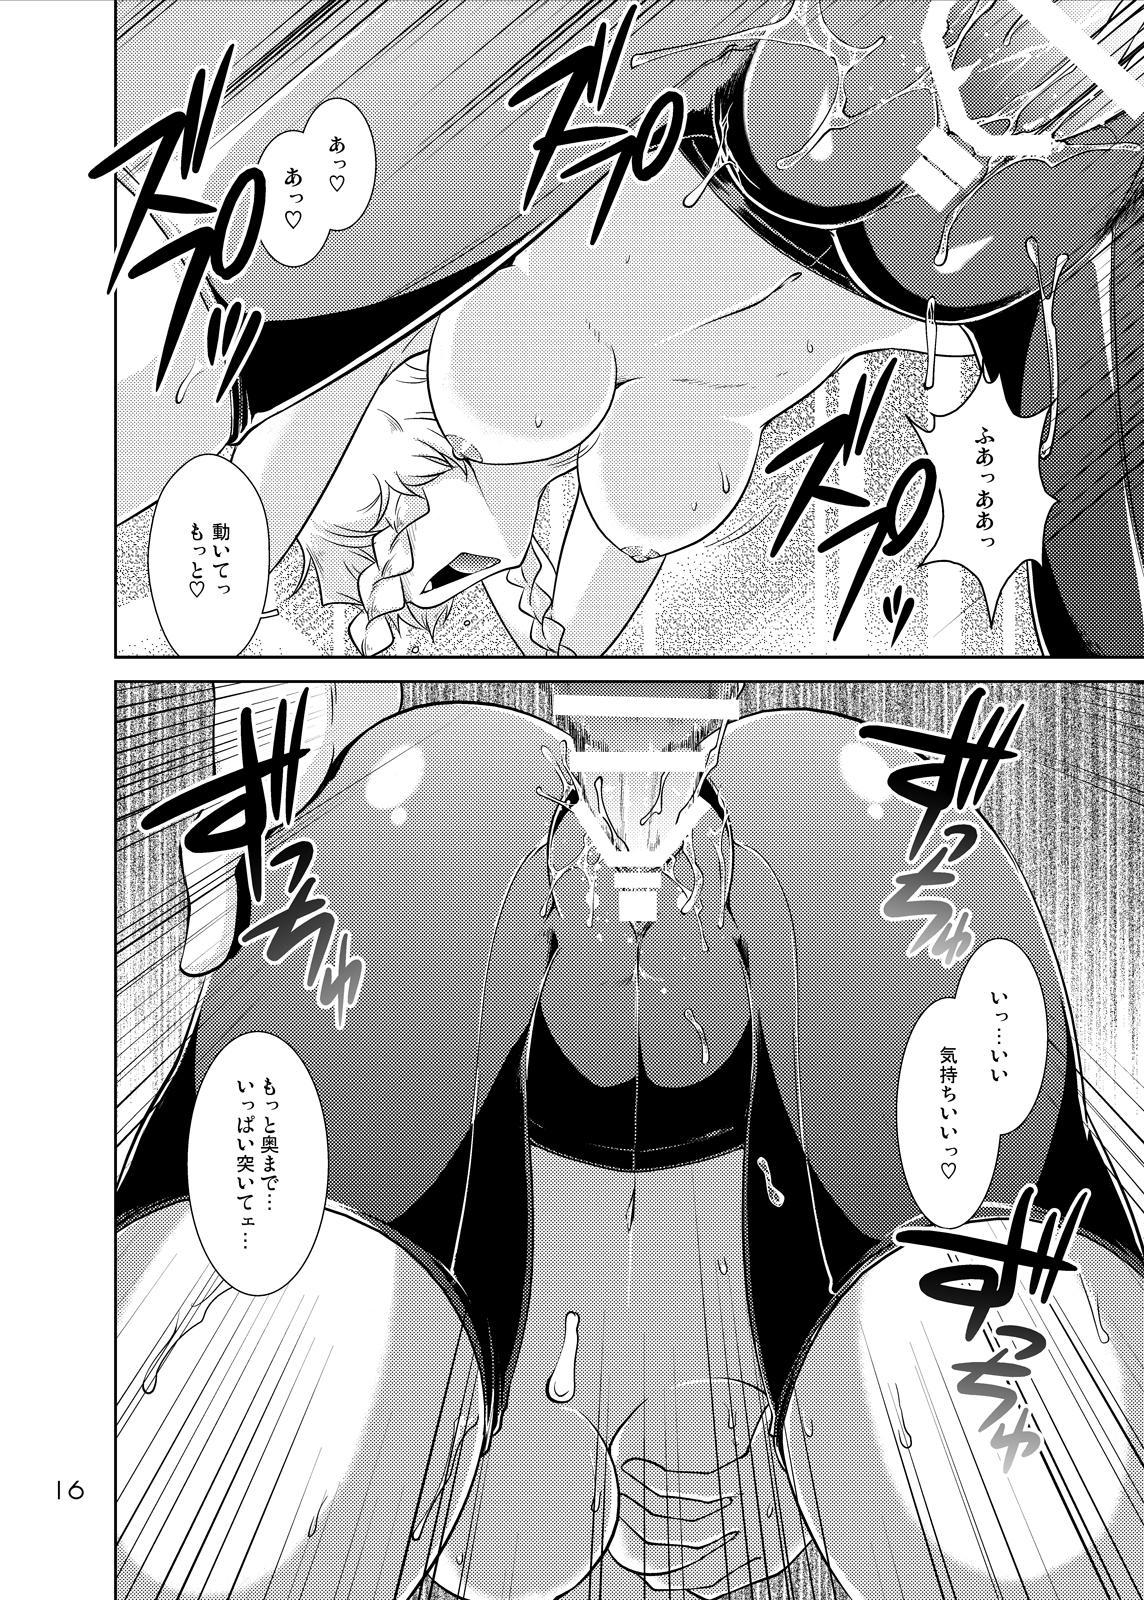 Spats;Gate PART6 Pokon's Fatality 14